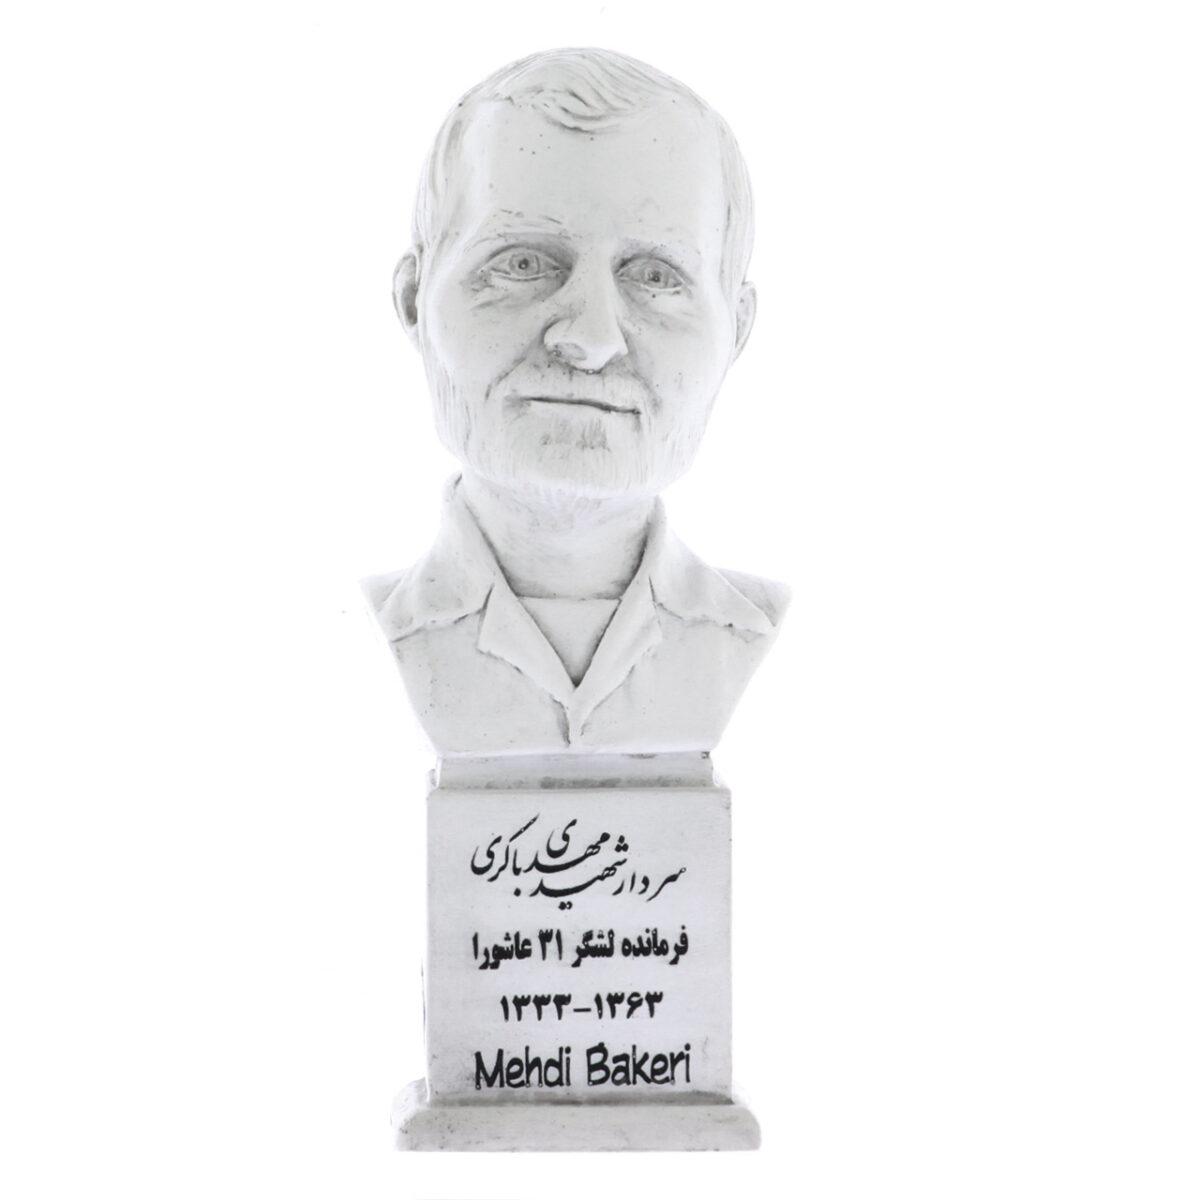 mehdi bakeri s 1200x1200 - سردیس شهید مهدی باکری